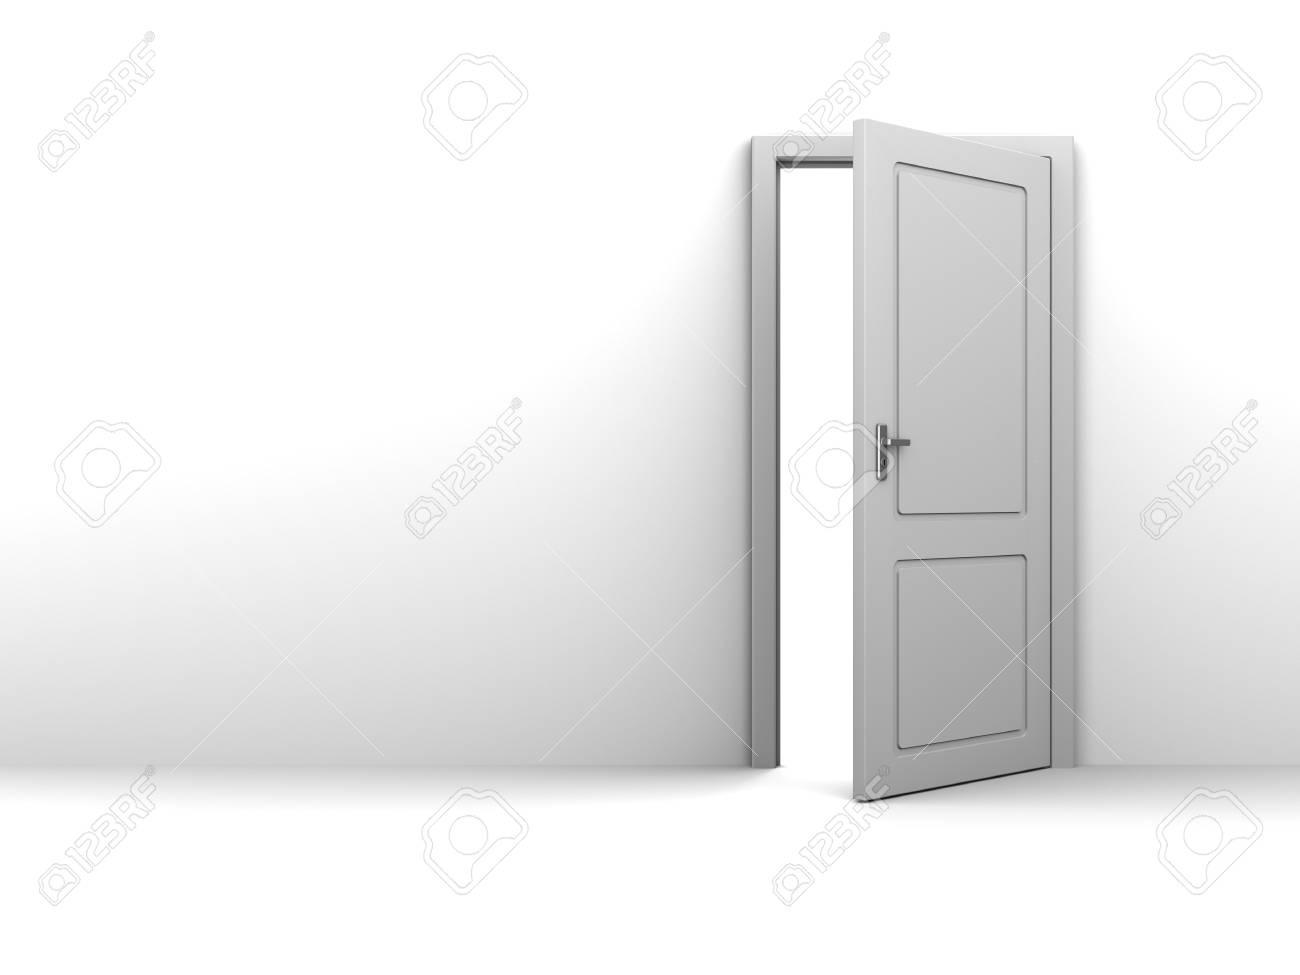 half open door drawing.  Open 3d Illustration Of Background With Half Open Door And Copy Space Stock  Illustration  61545732 In Half Open Door Drawing